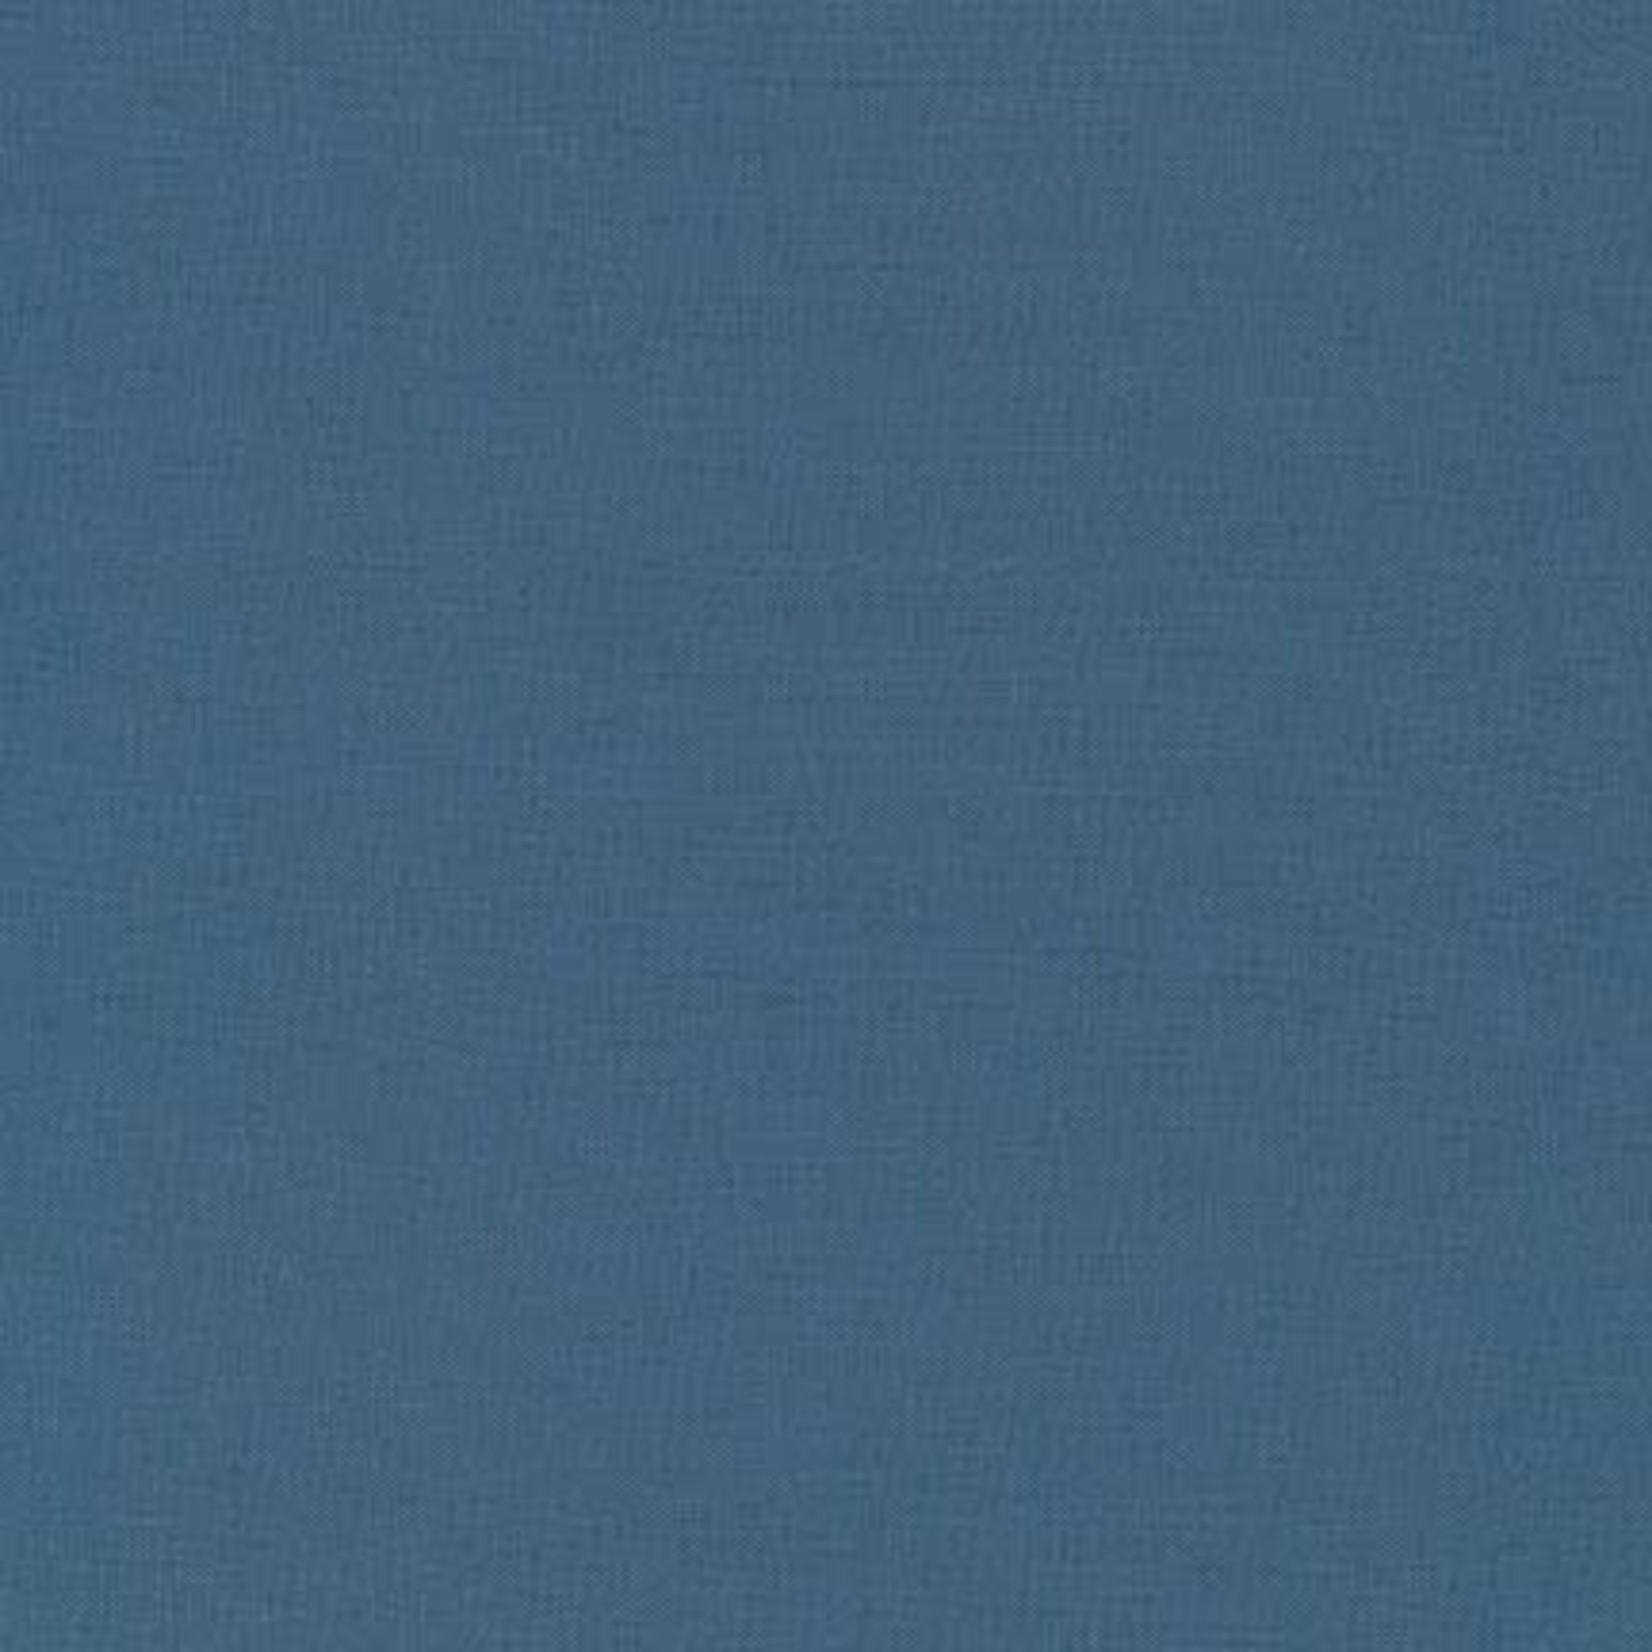 Kona KONA  K001-1058 CADET, PER CM OR $14/M